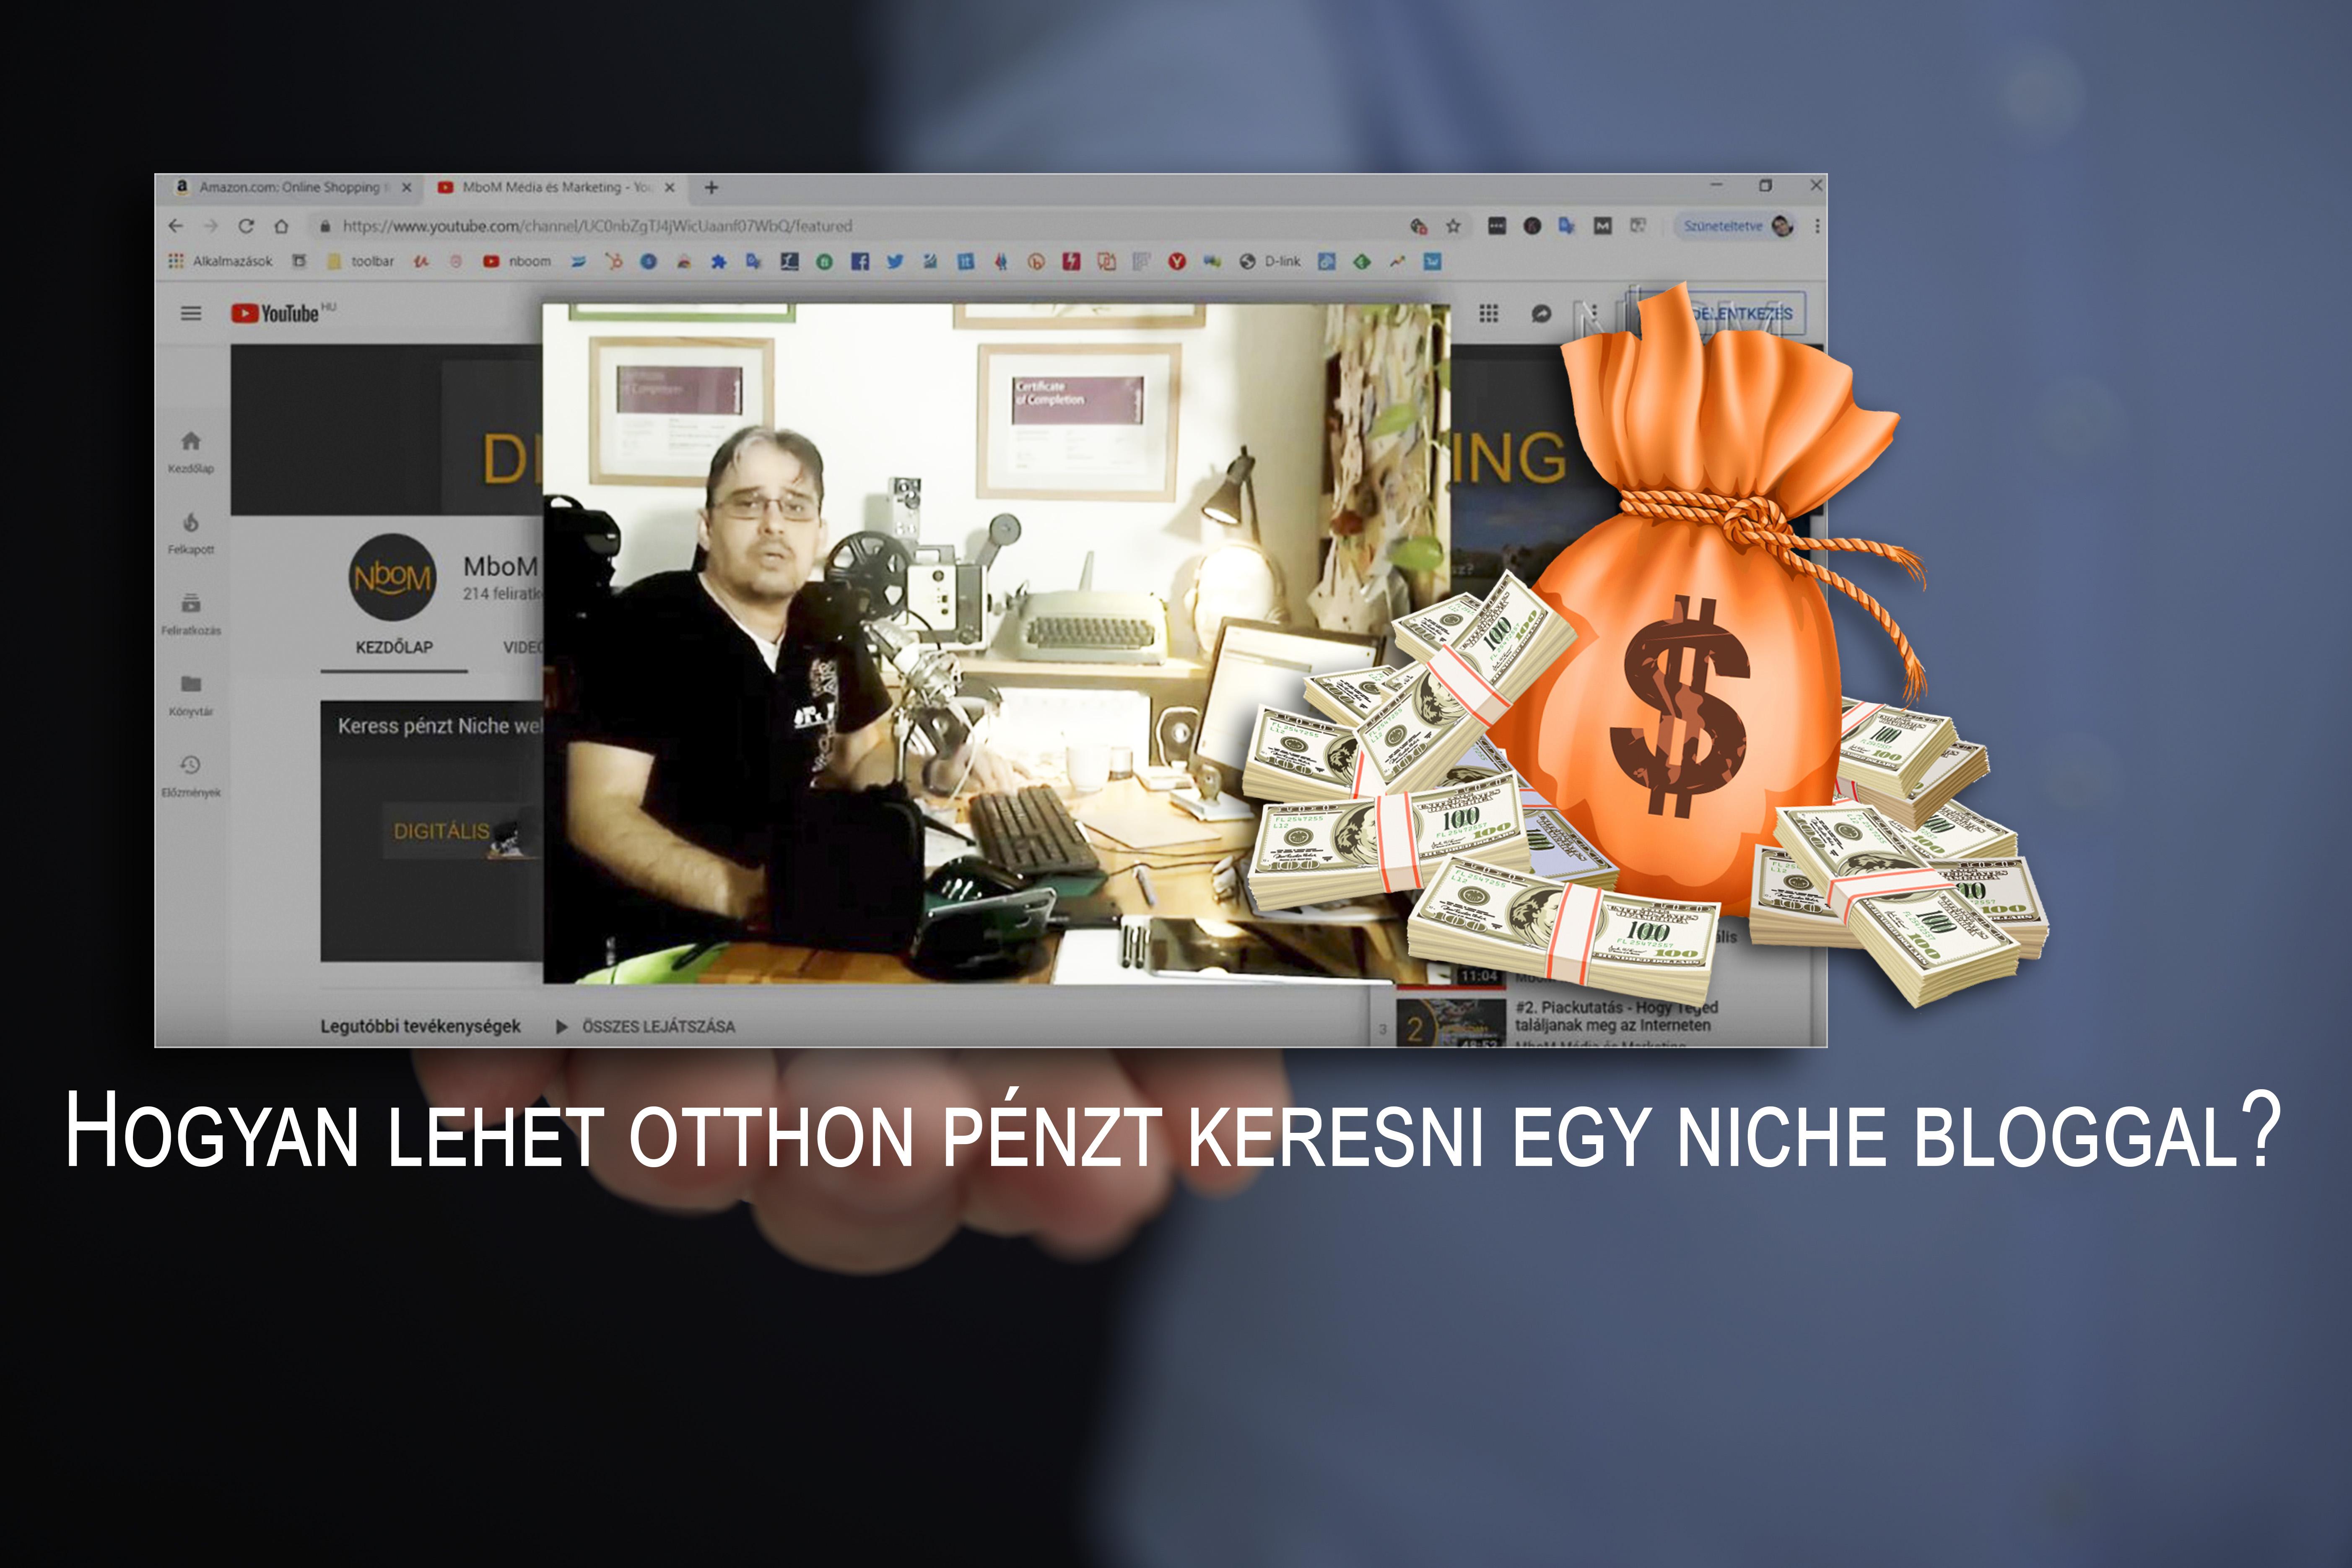 hogyan lehet pénzt keresni az ügyfelektől jövedelem az interneten minimális befektetéssel